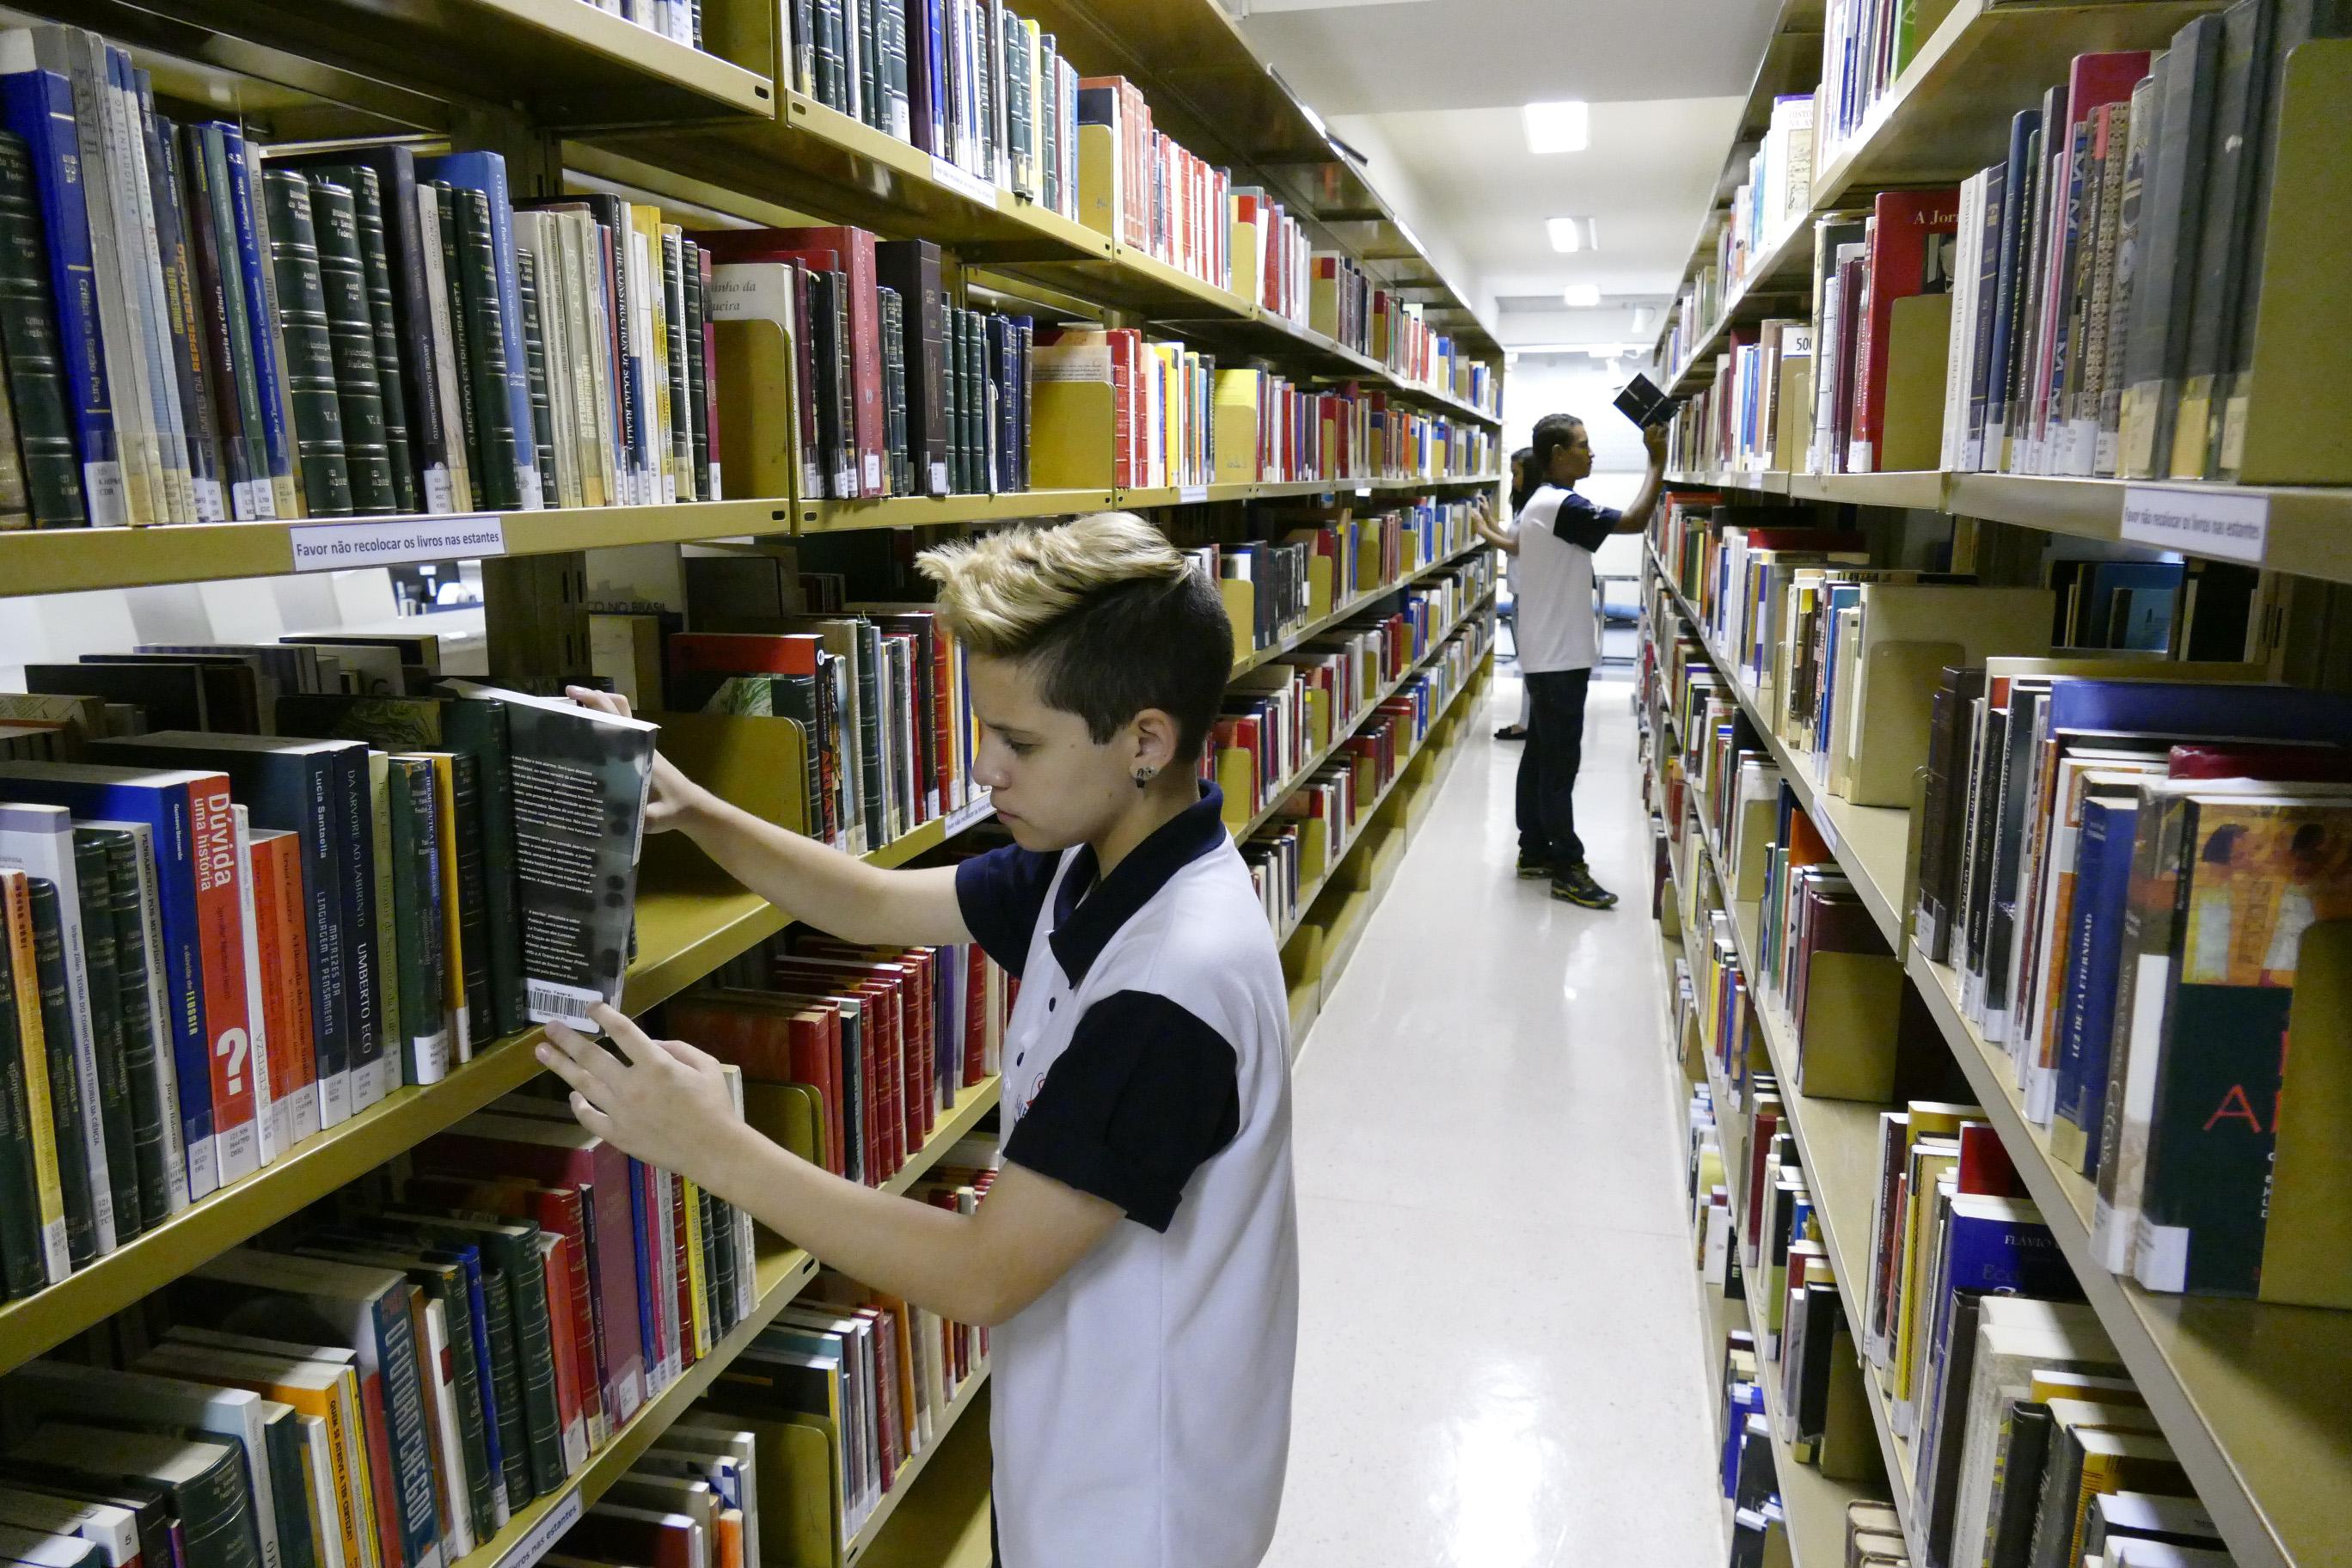 Educação - livros - biblioteca